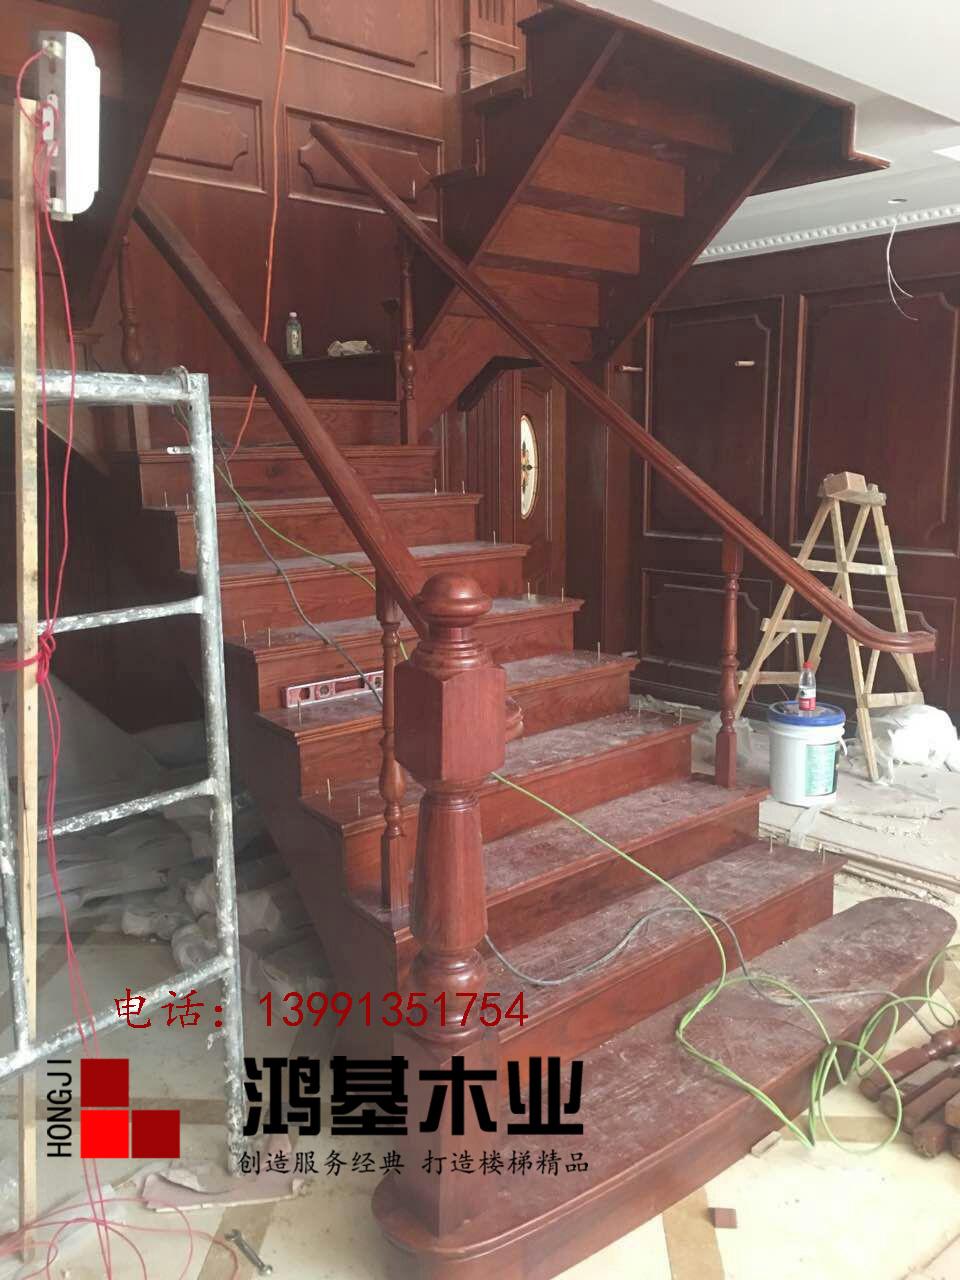 (西安市厂家直销实木楼梯)美国红橡木定制双边弧形实木楼梯-鸿基楼梯